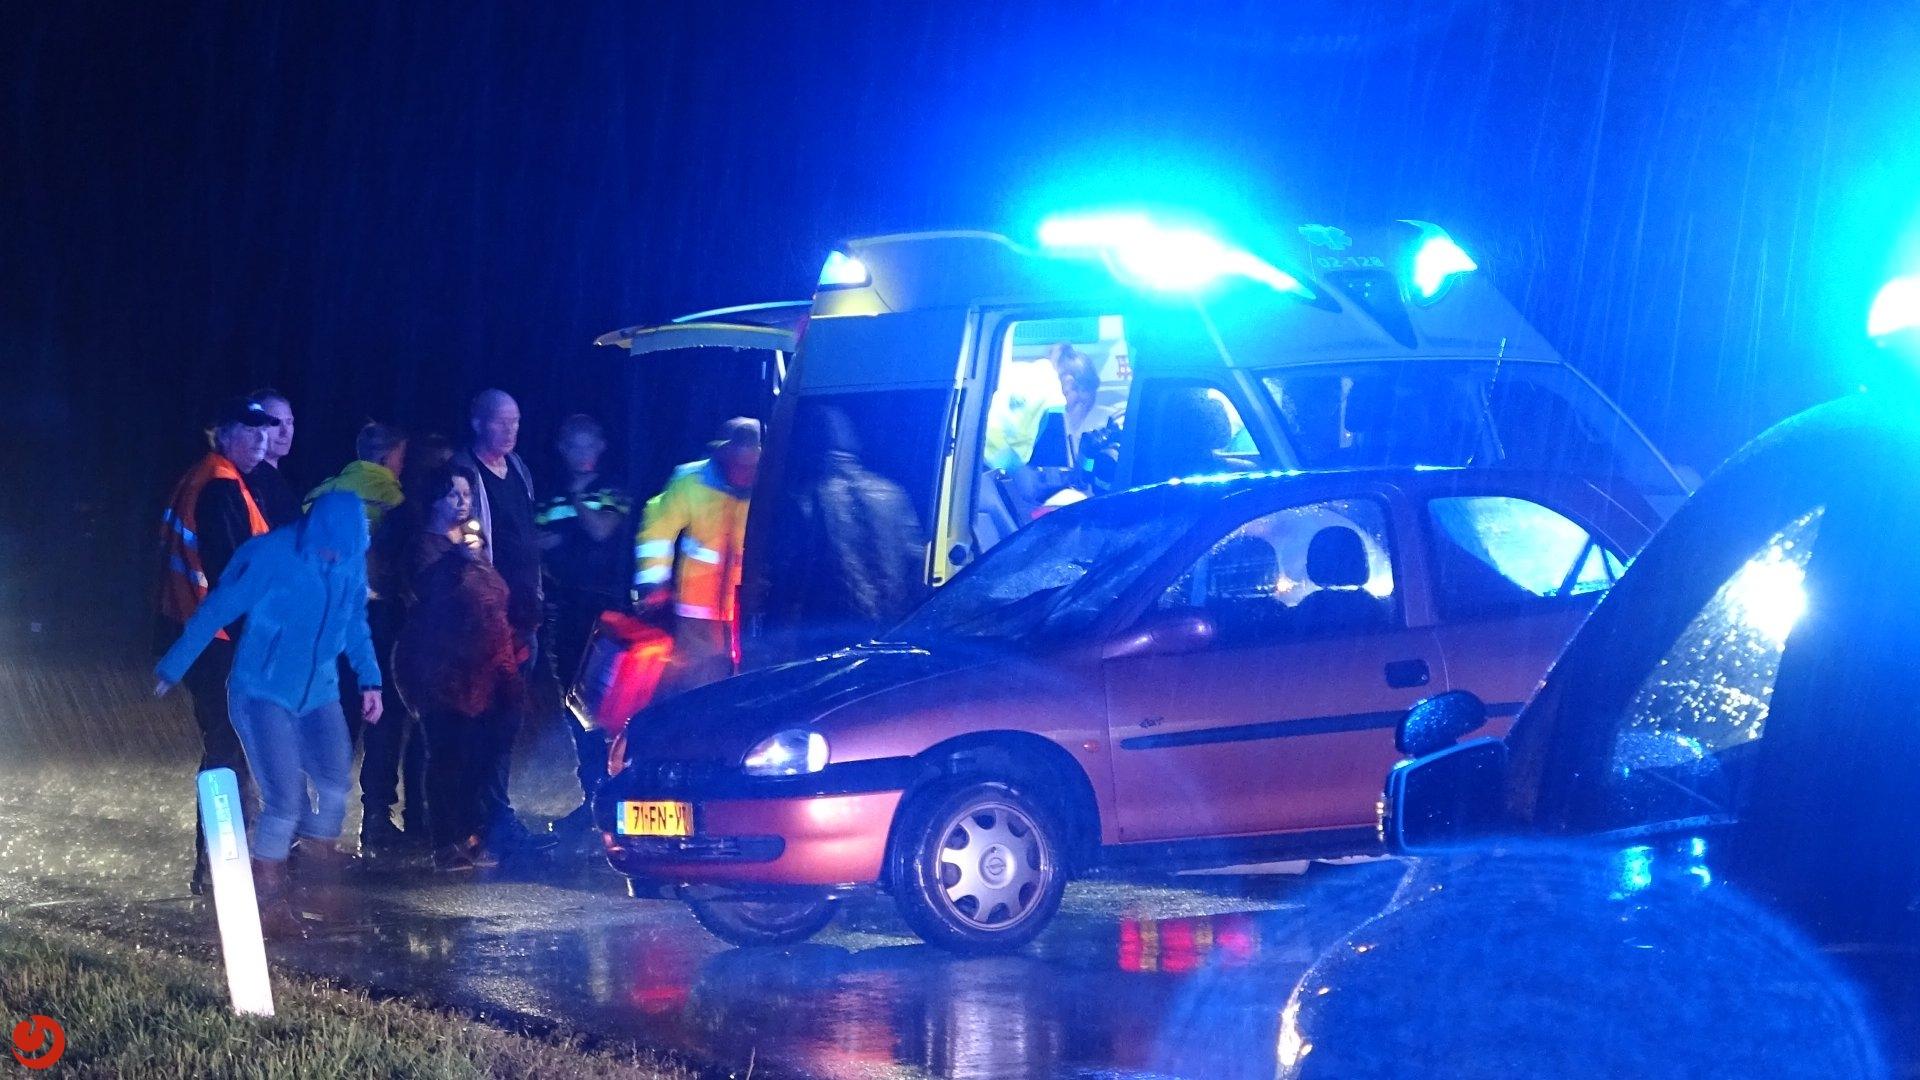 Voetganger ernstig gewond na aanrijding N380